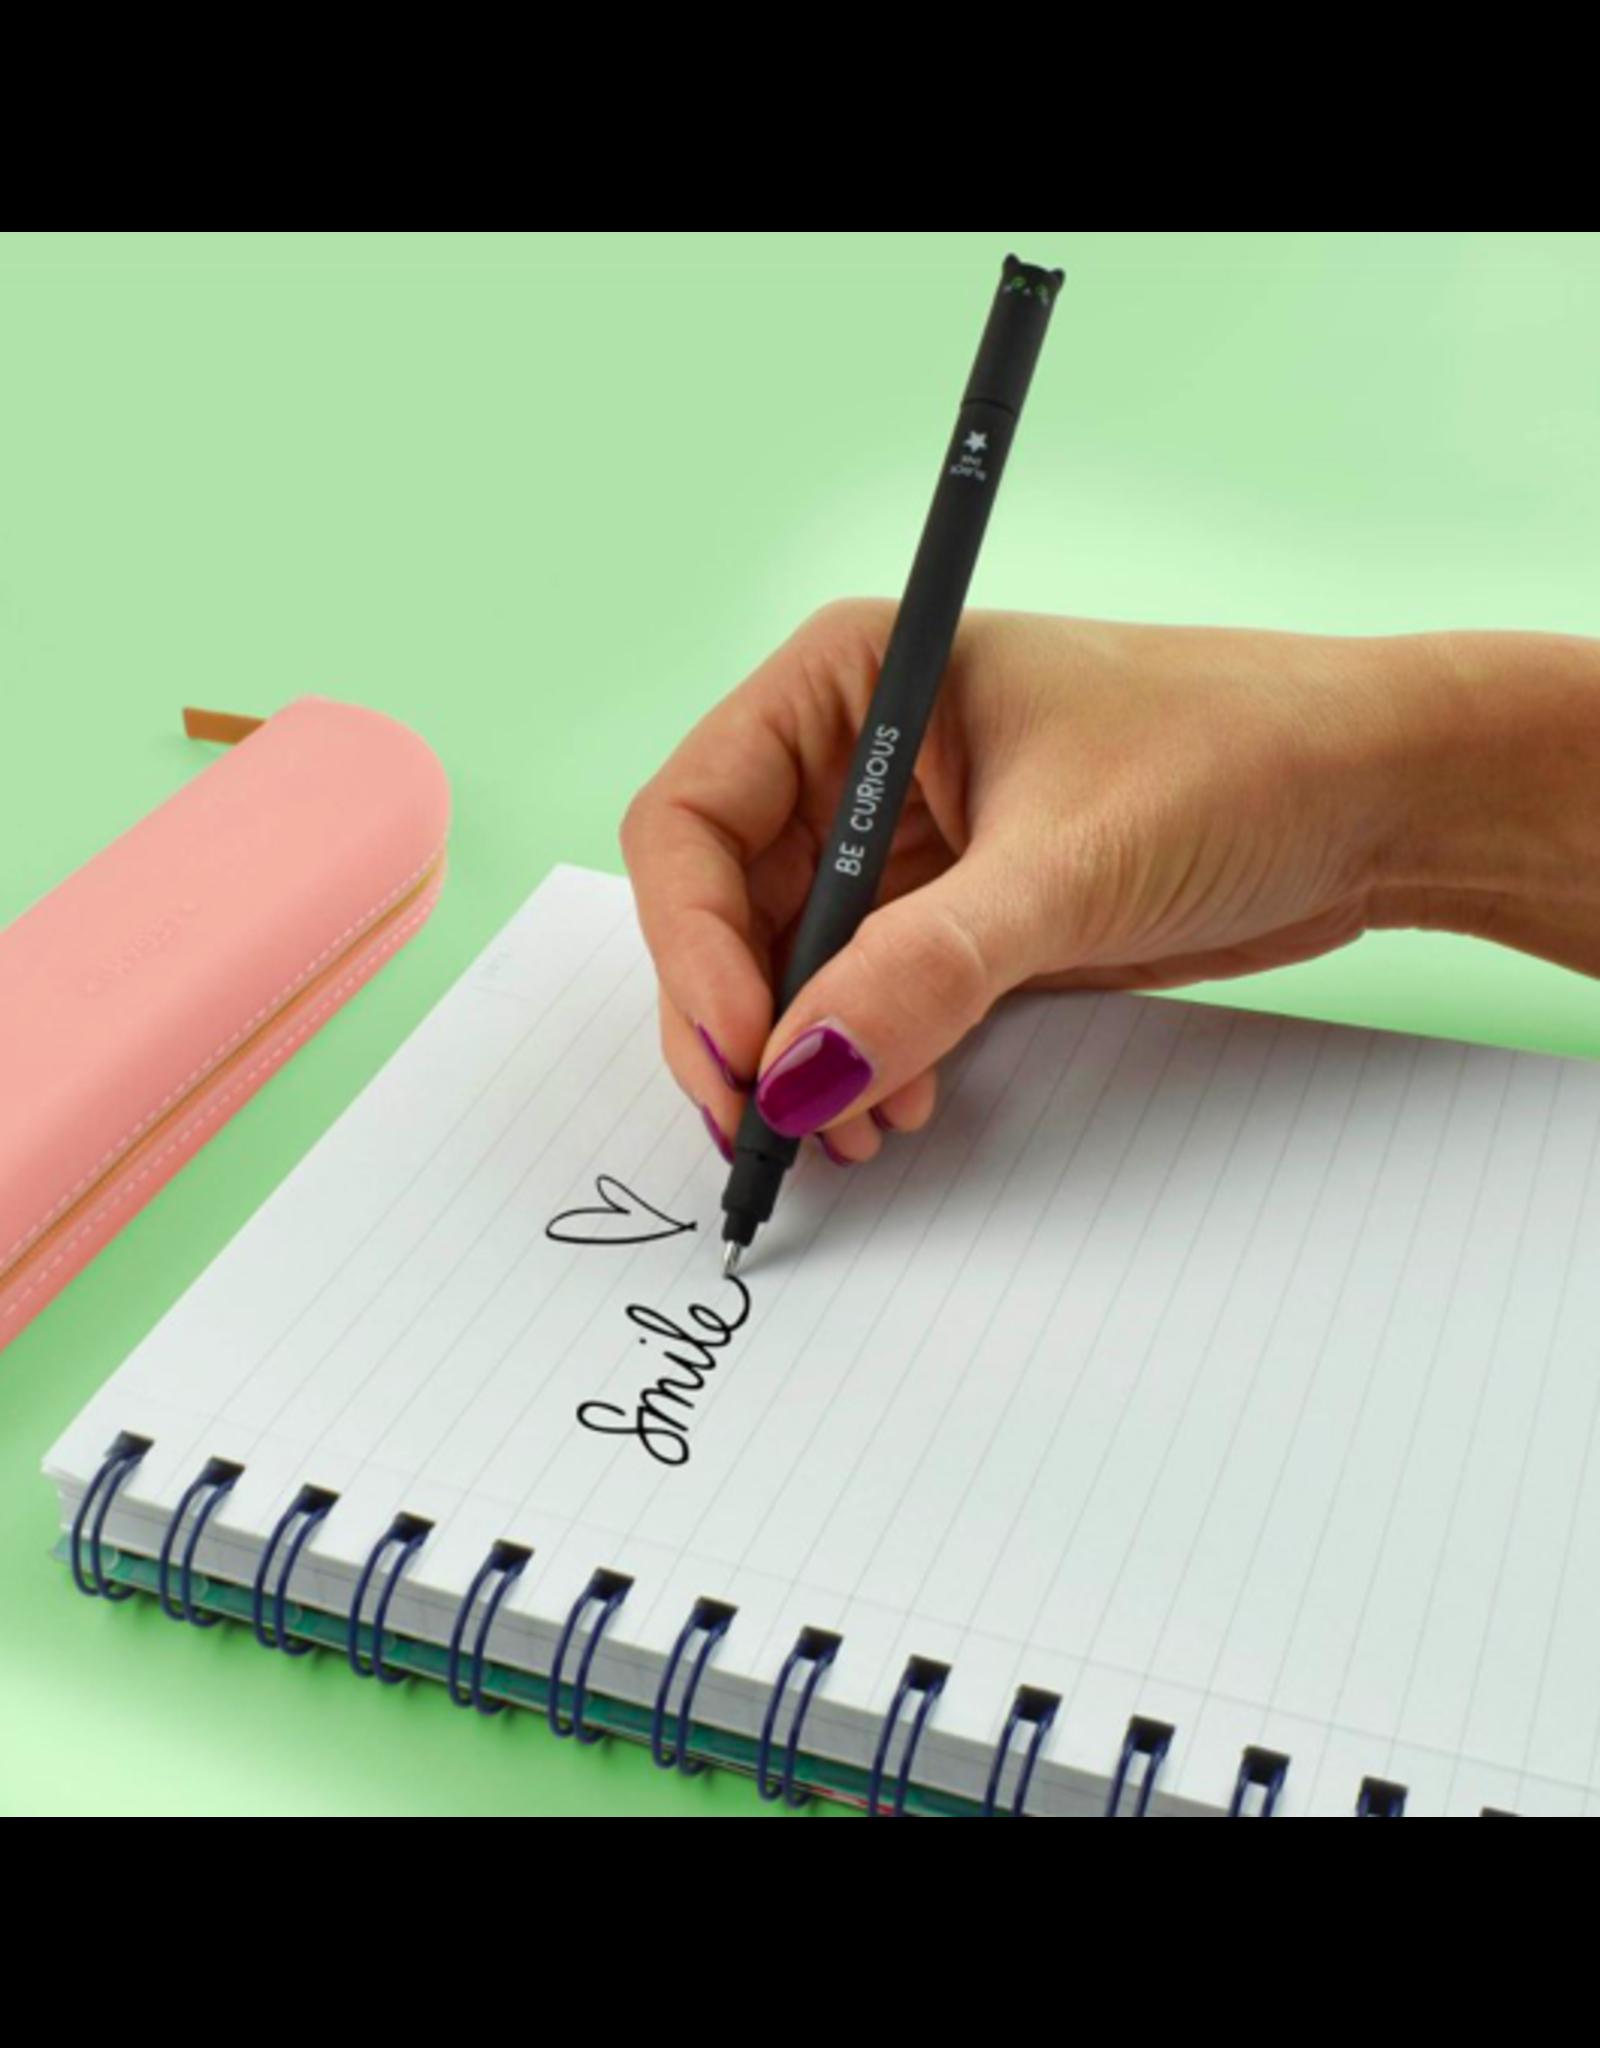 Legami erasable pen - cat (black ink)